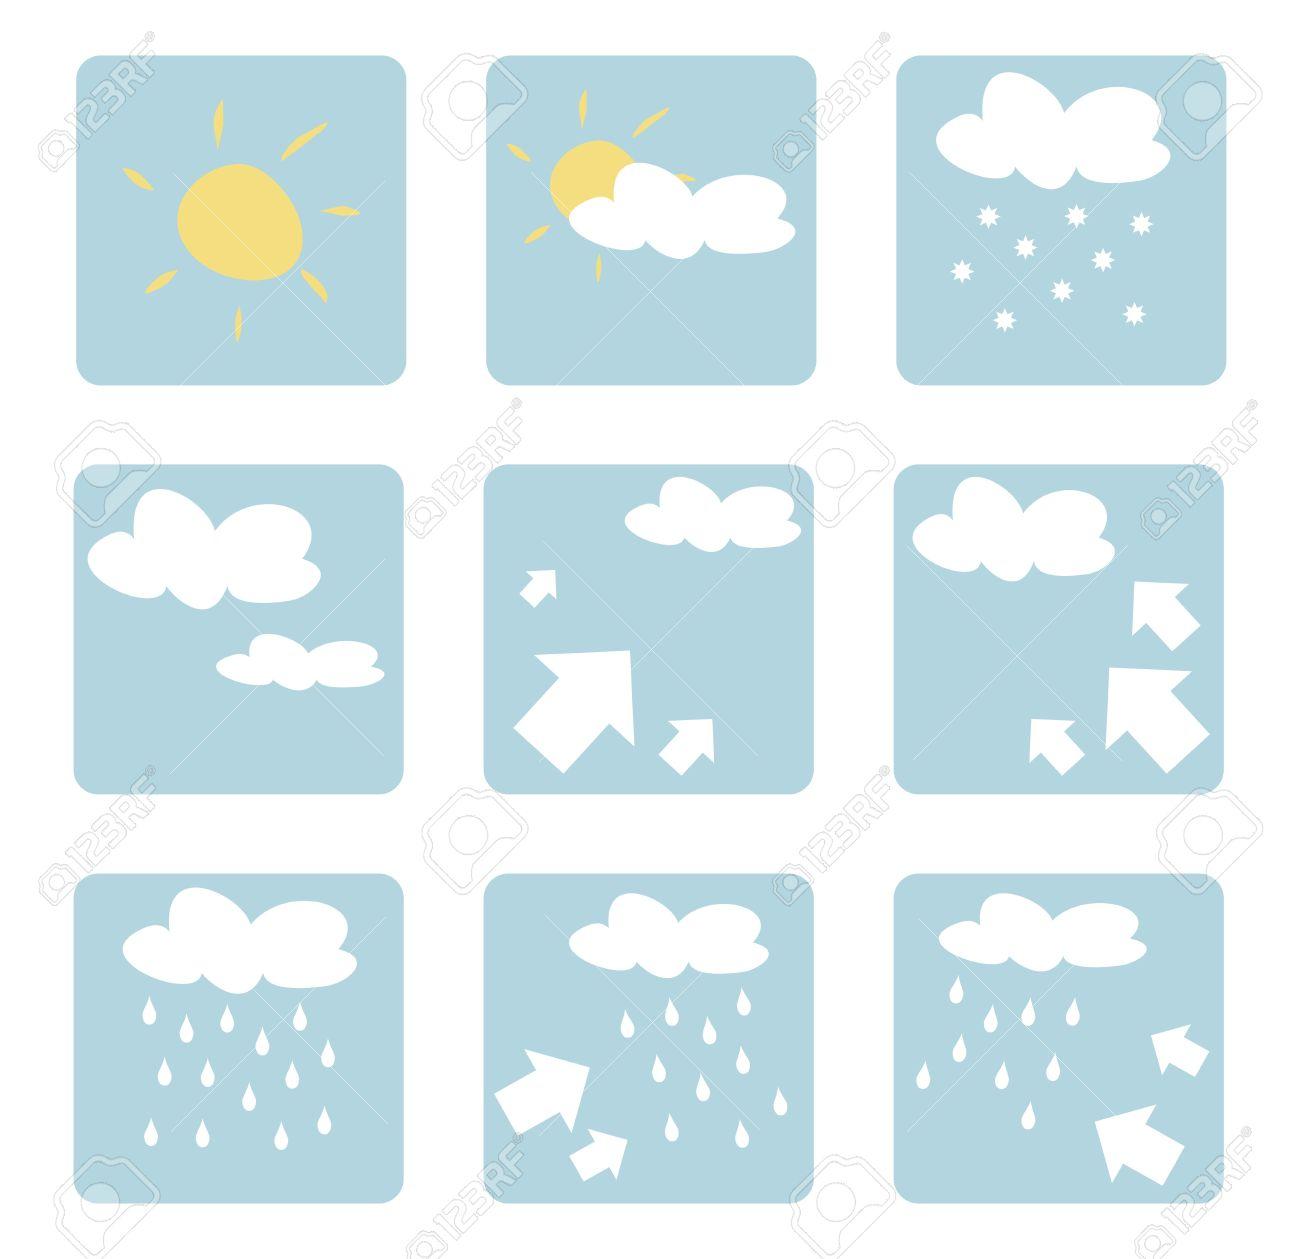 Wetter Icons Illustrationen Clip Art Auf Weißem Hintergrund Mit